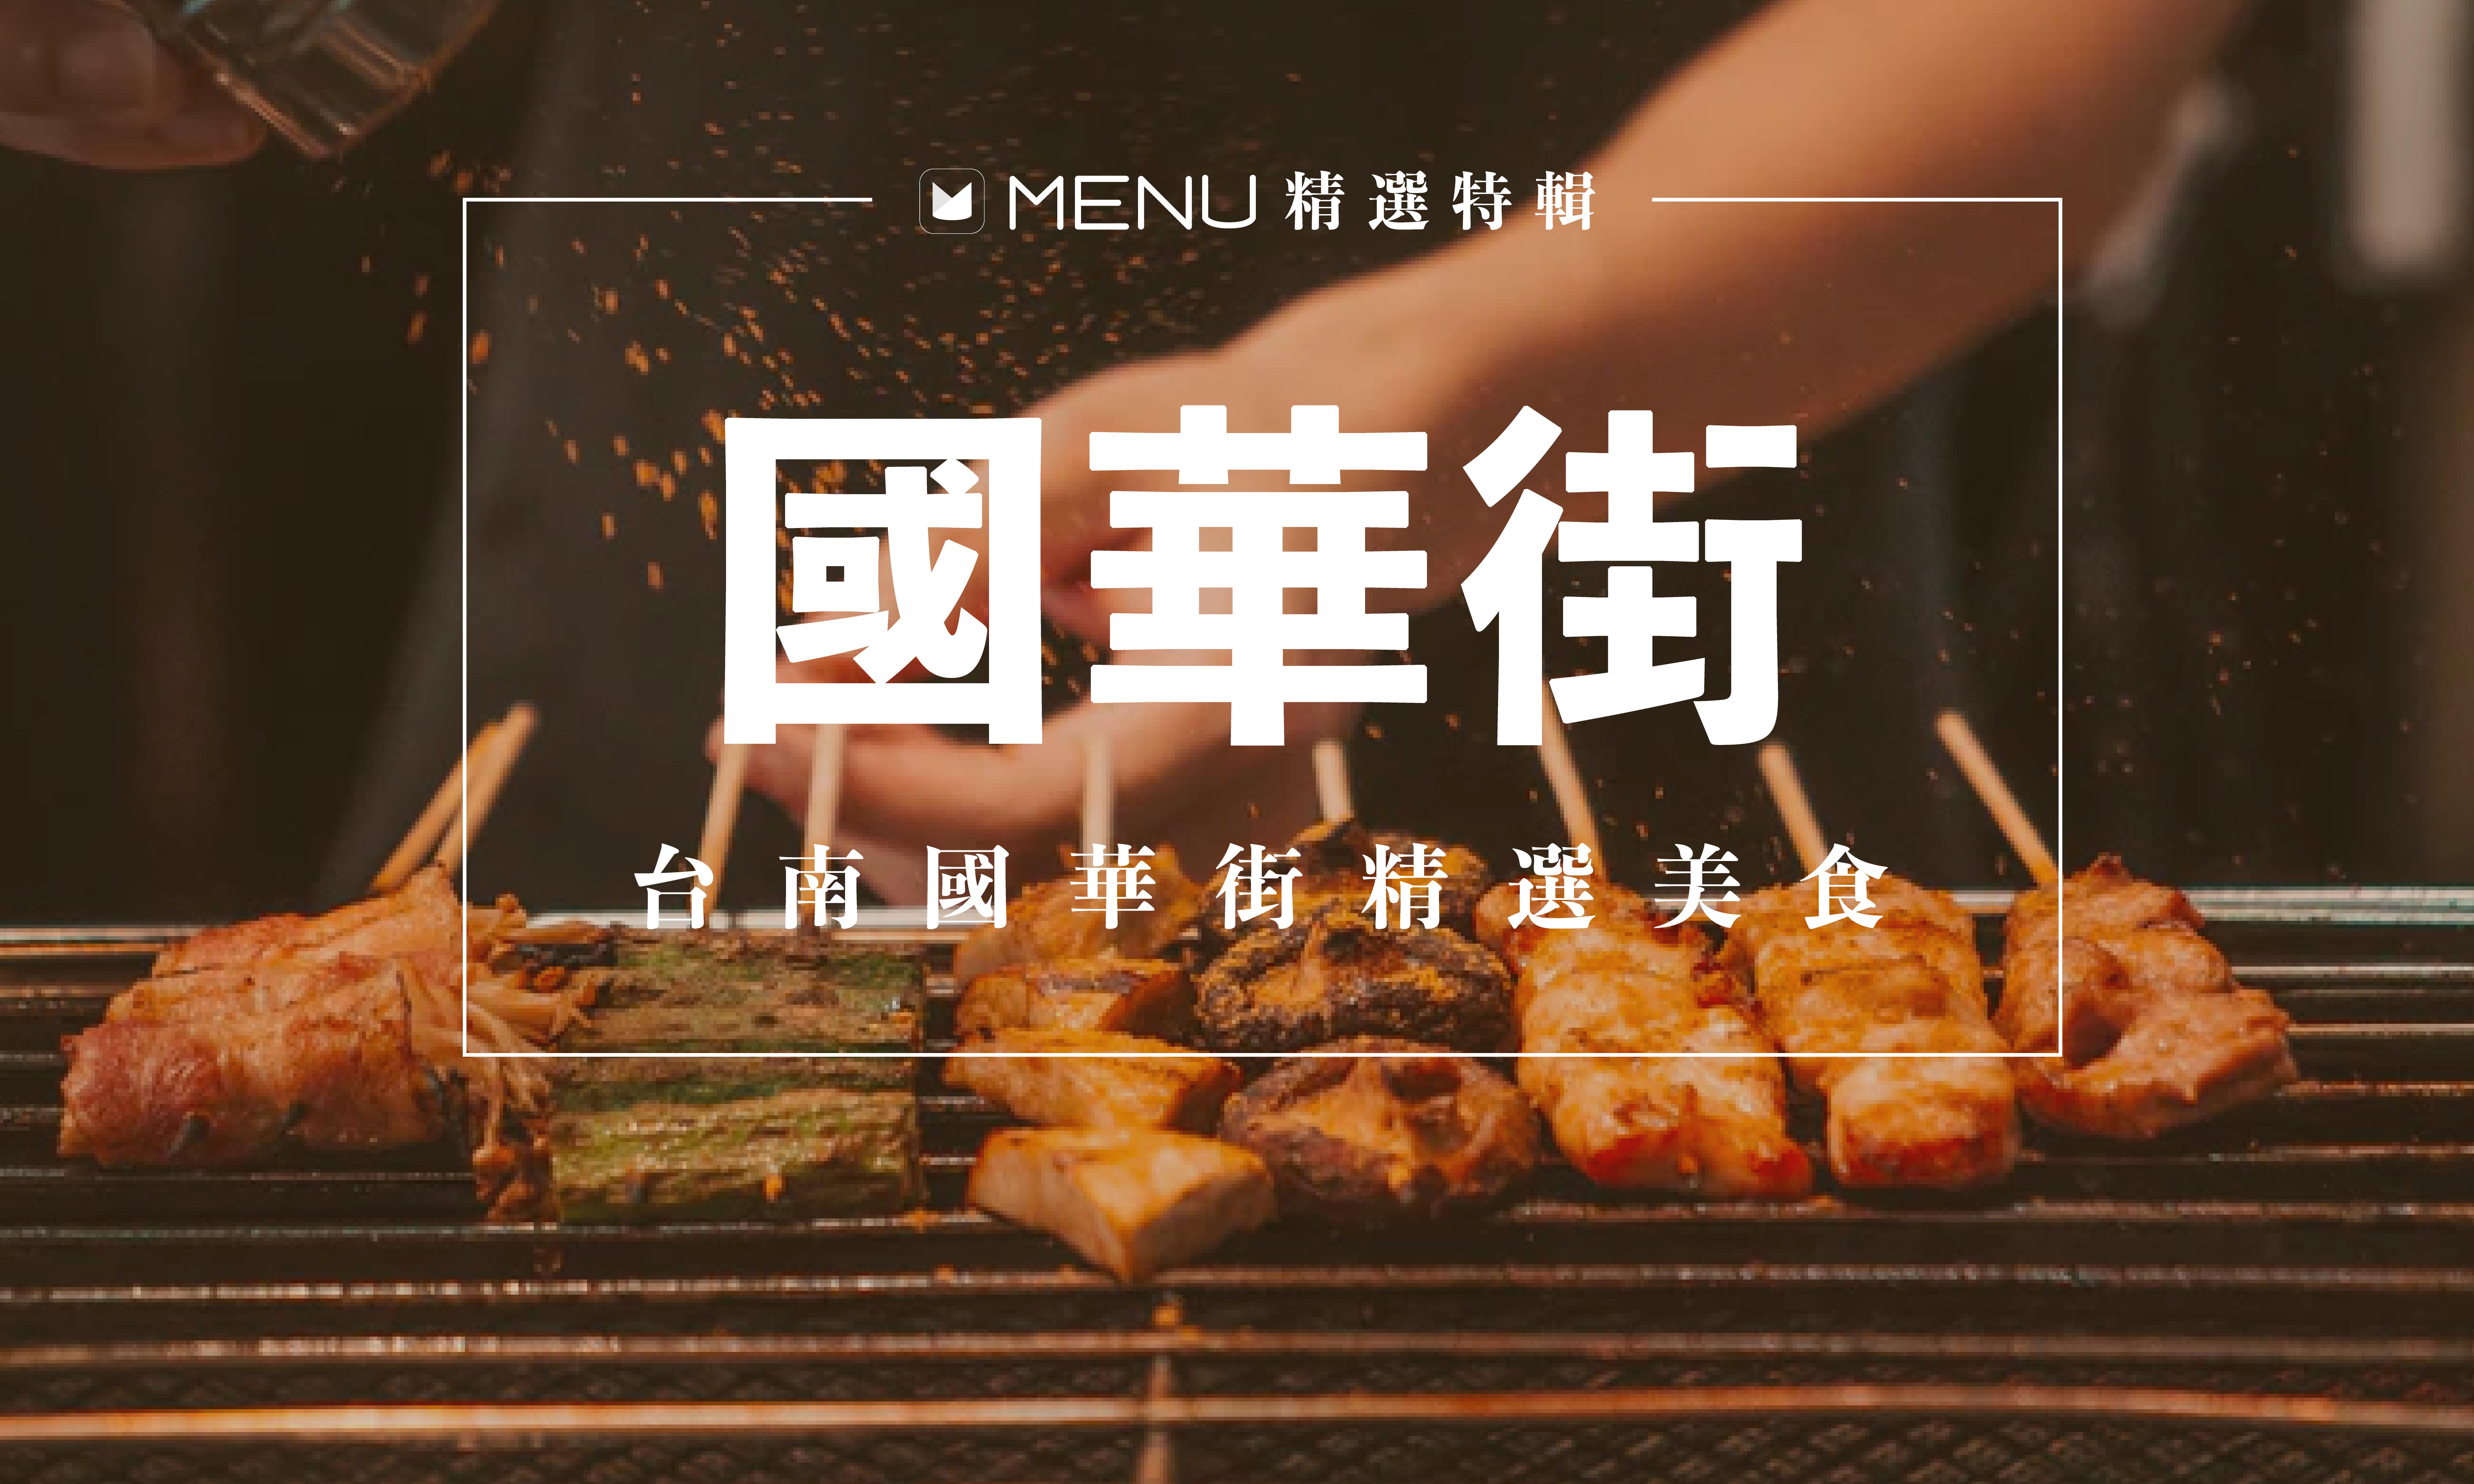 國華街滿滿傳統小吃與平價美食,觀光客必收!